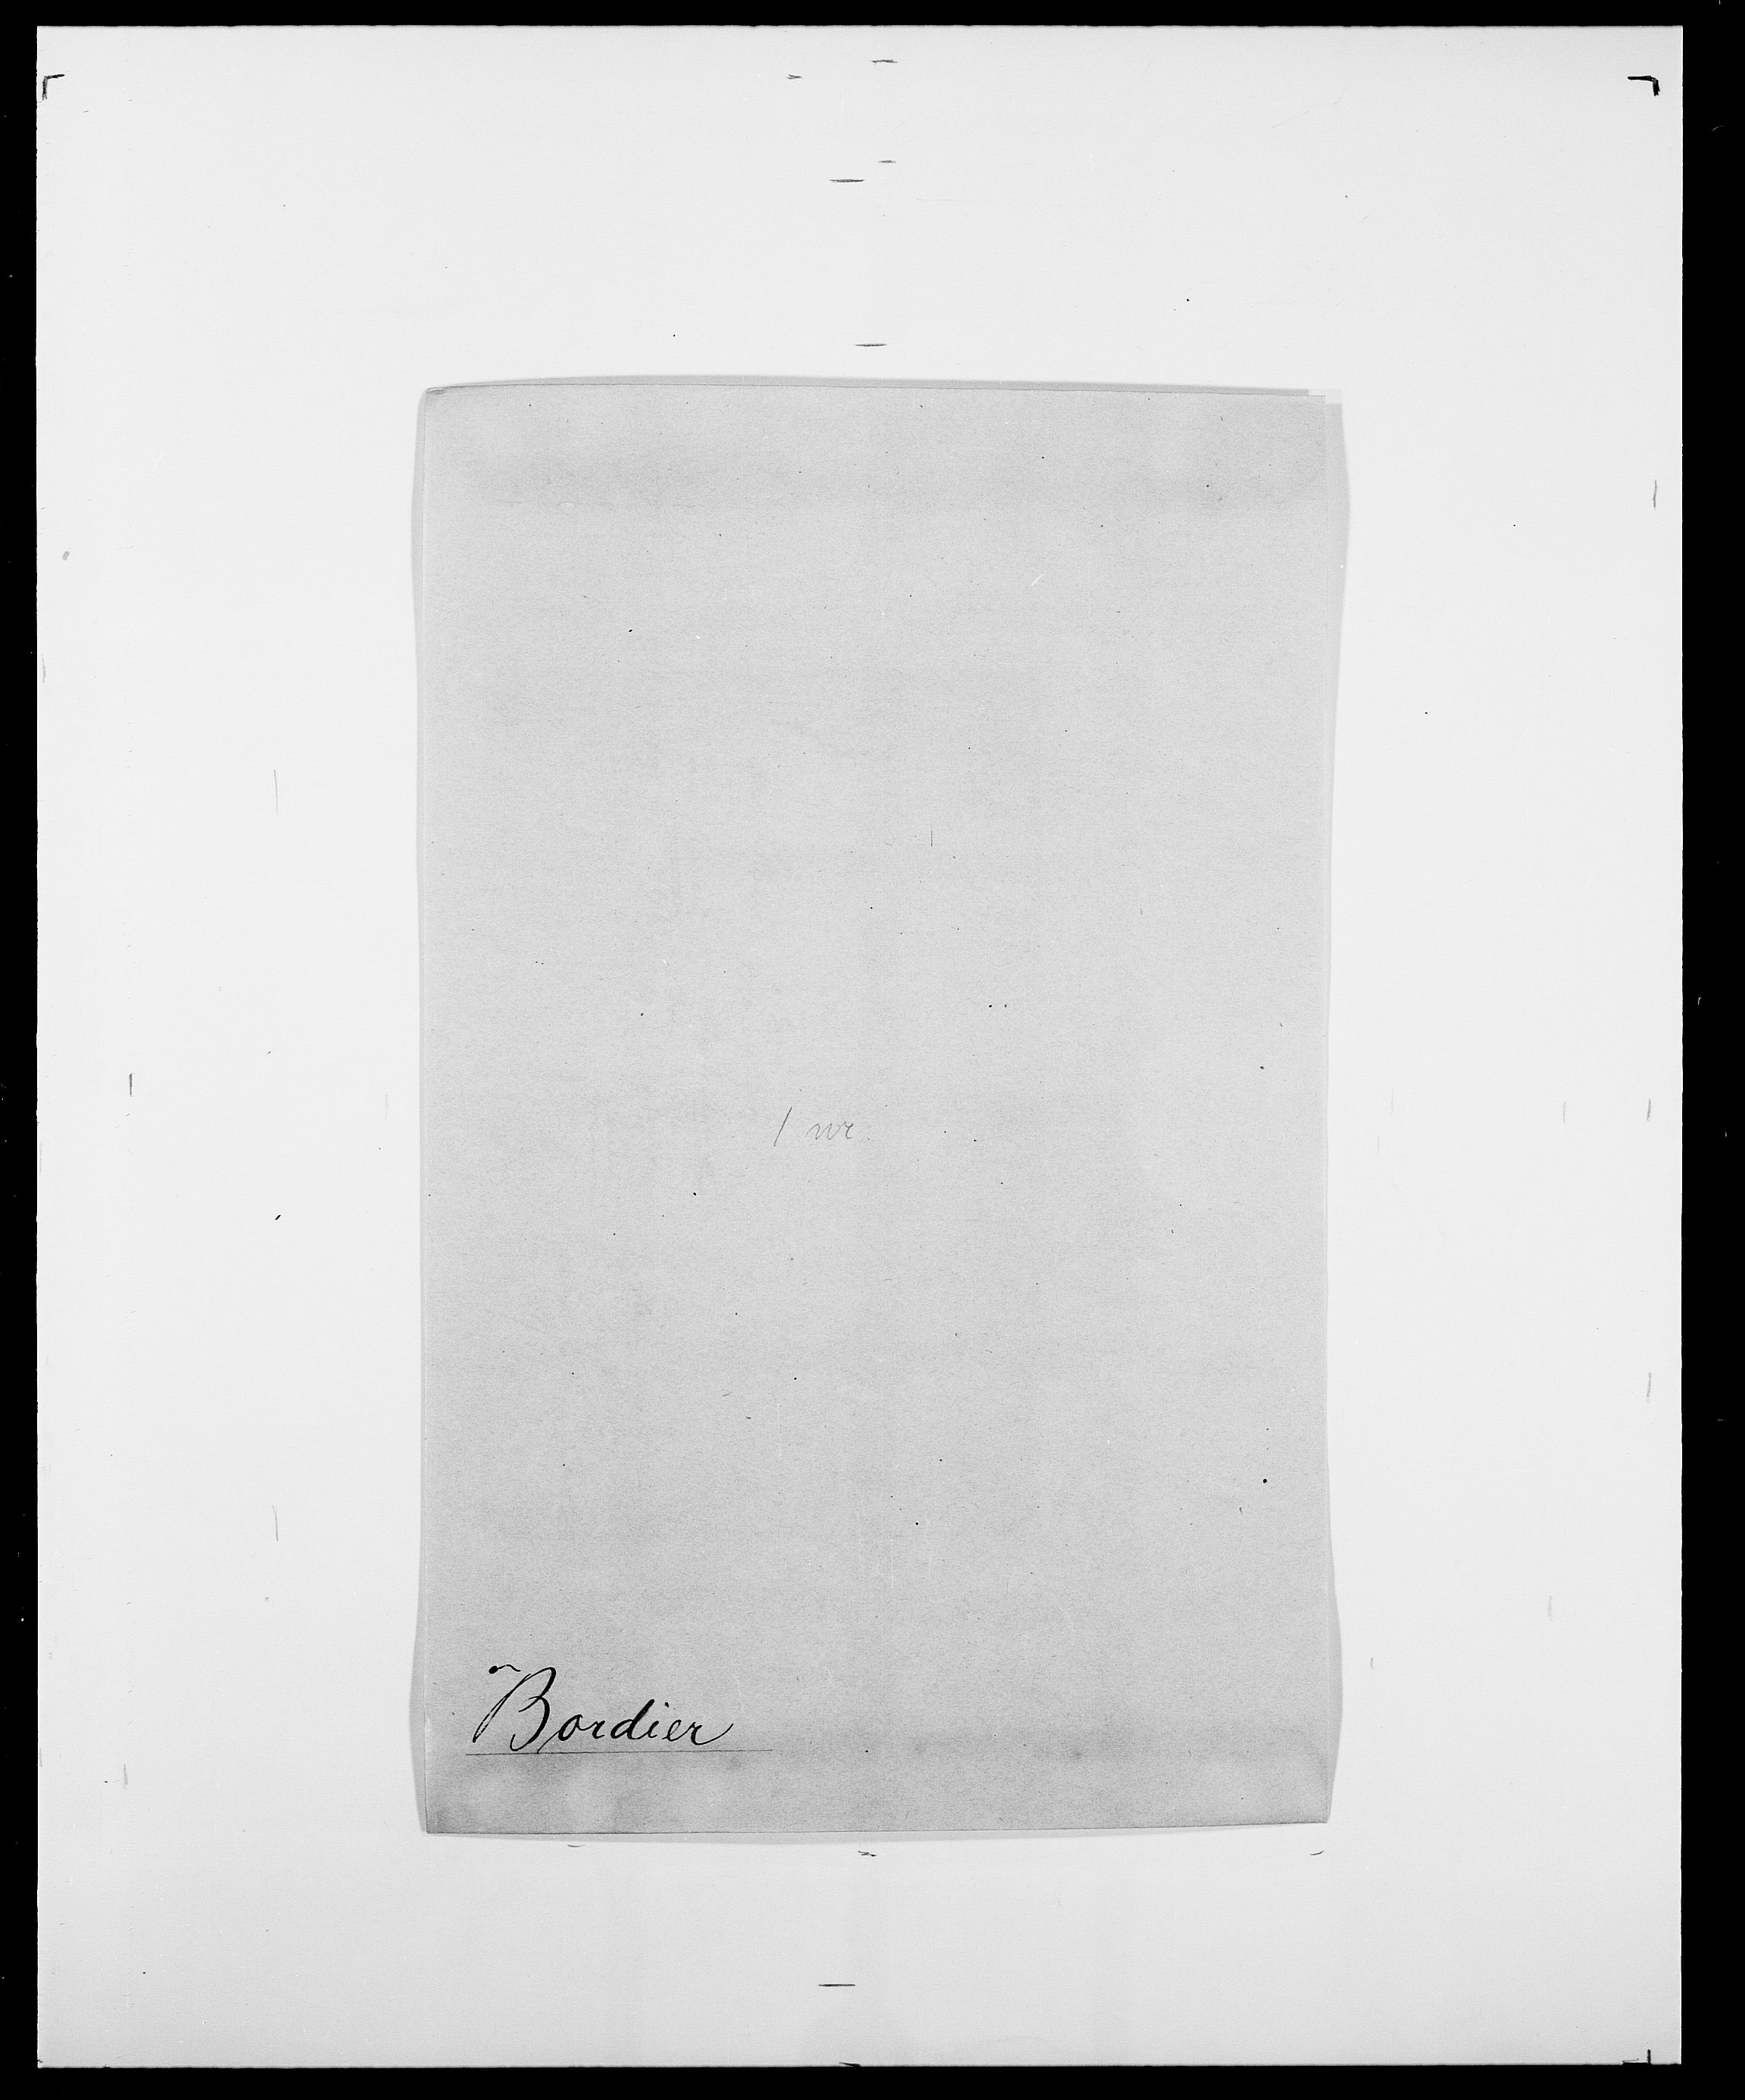 SAO, Delgobe, Charles Antoine - samling, D/Da/L0005: Boalth - Brahm, s. 263